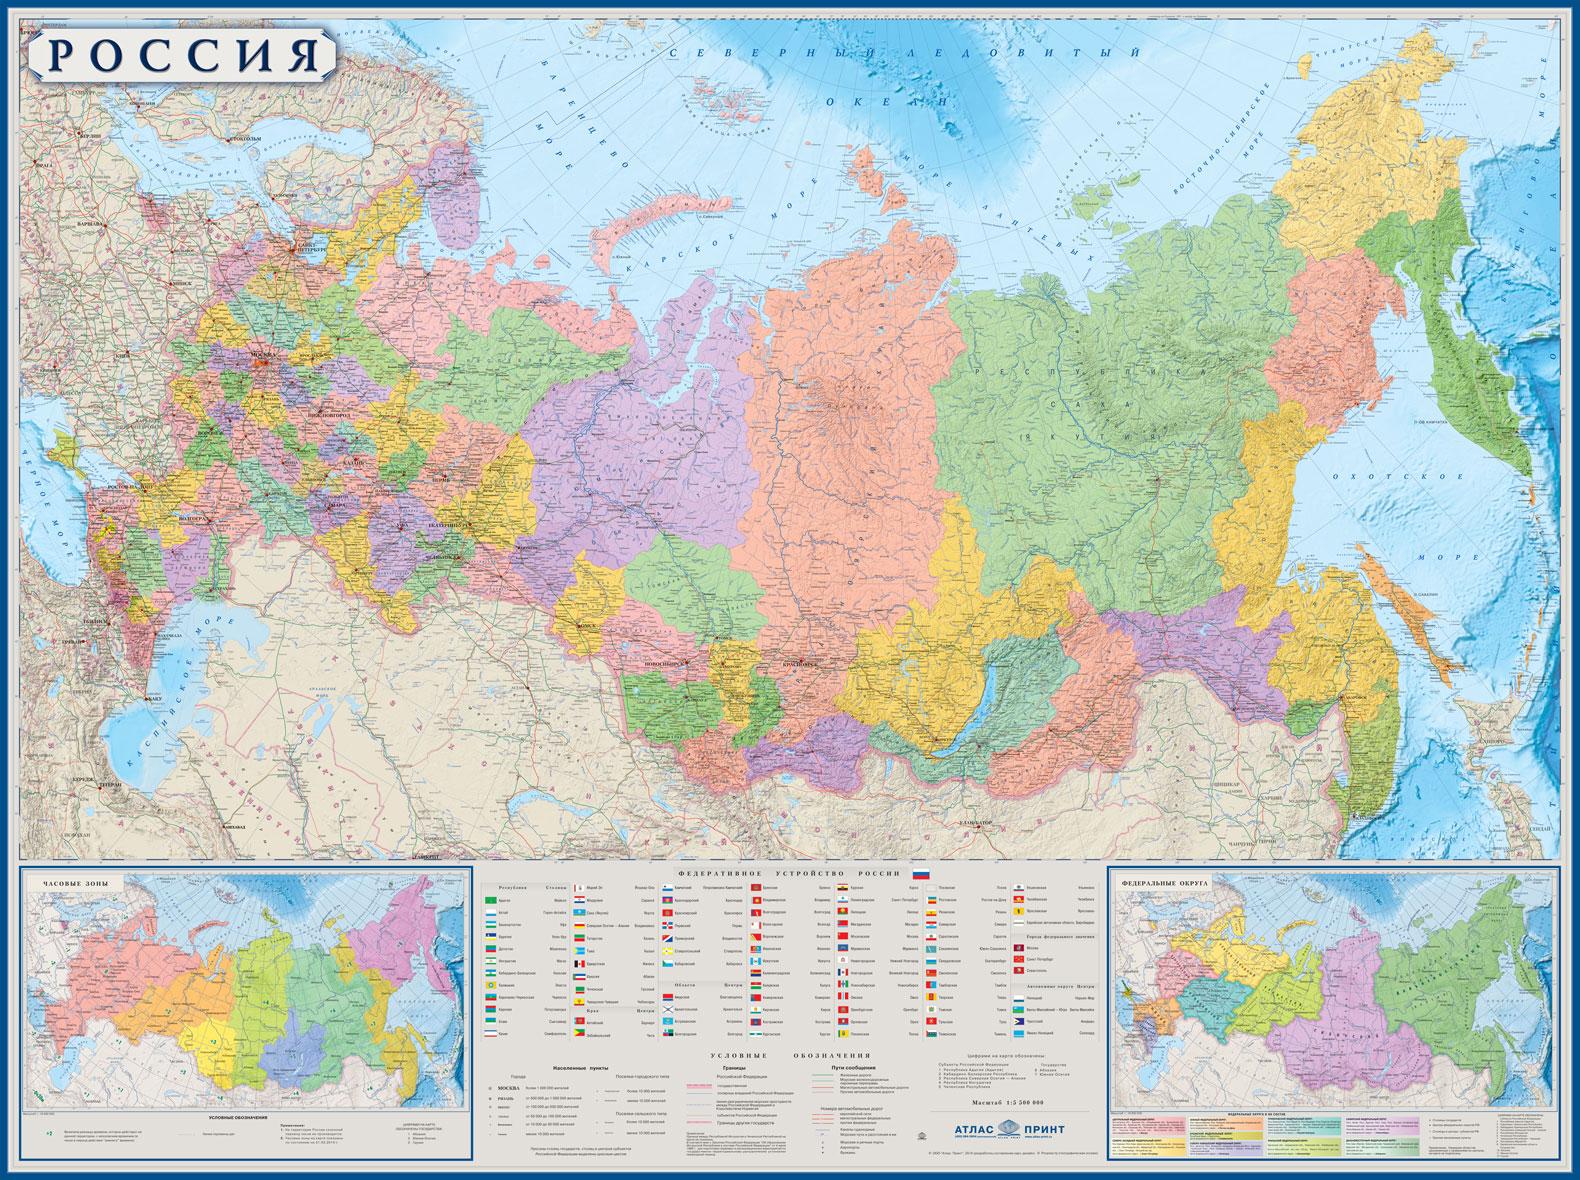 Настенная карта России (политико-административная) 1,58х1,18 м